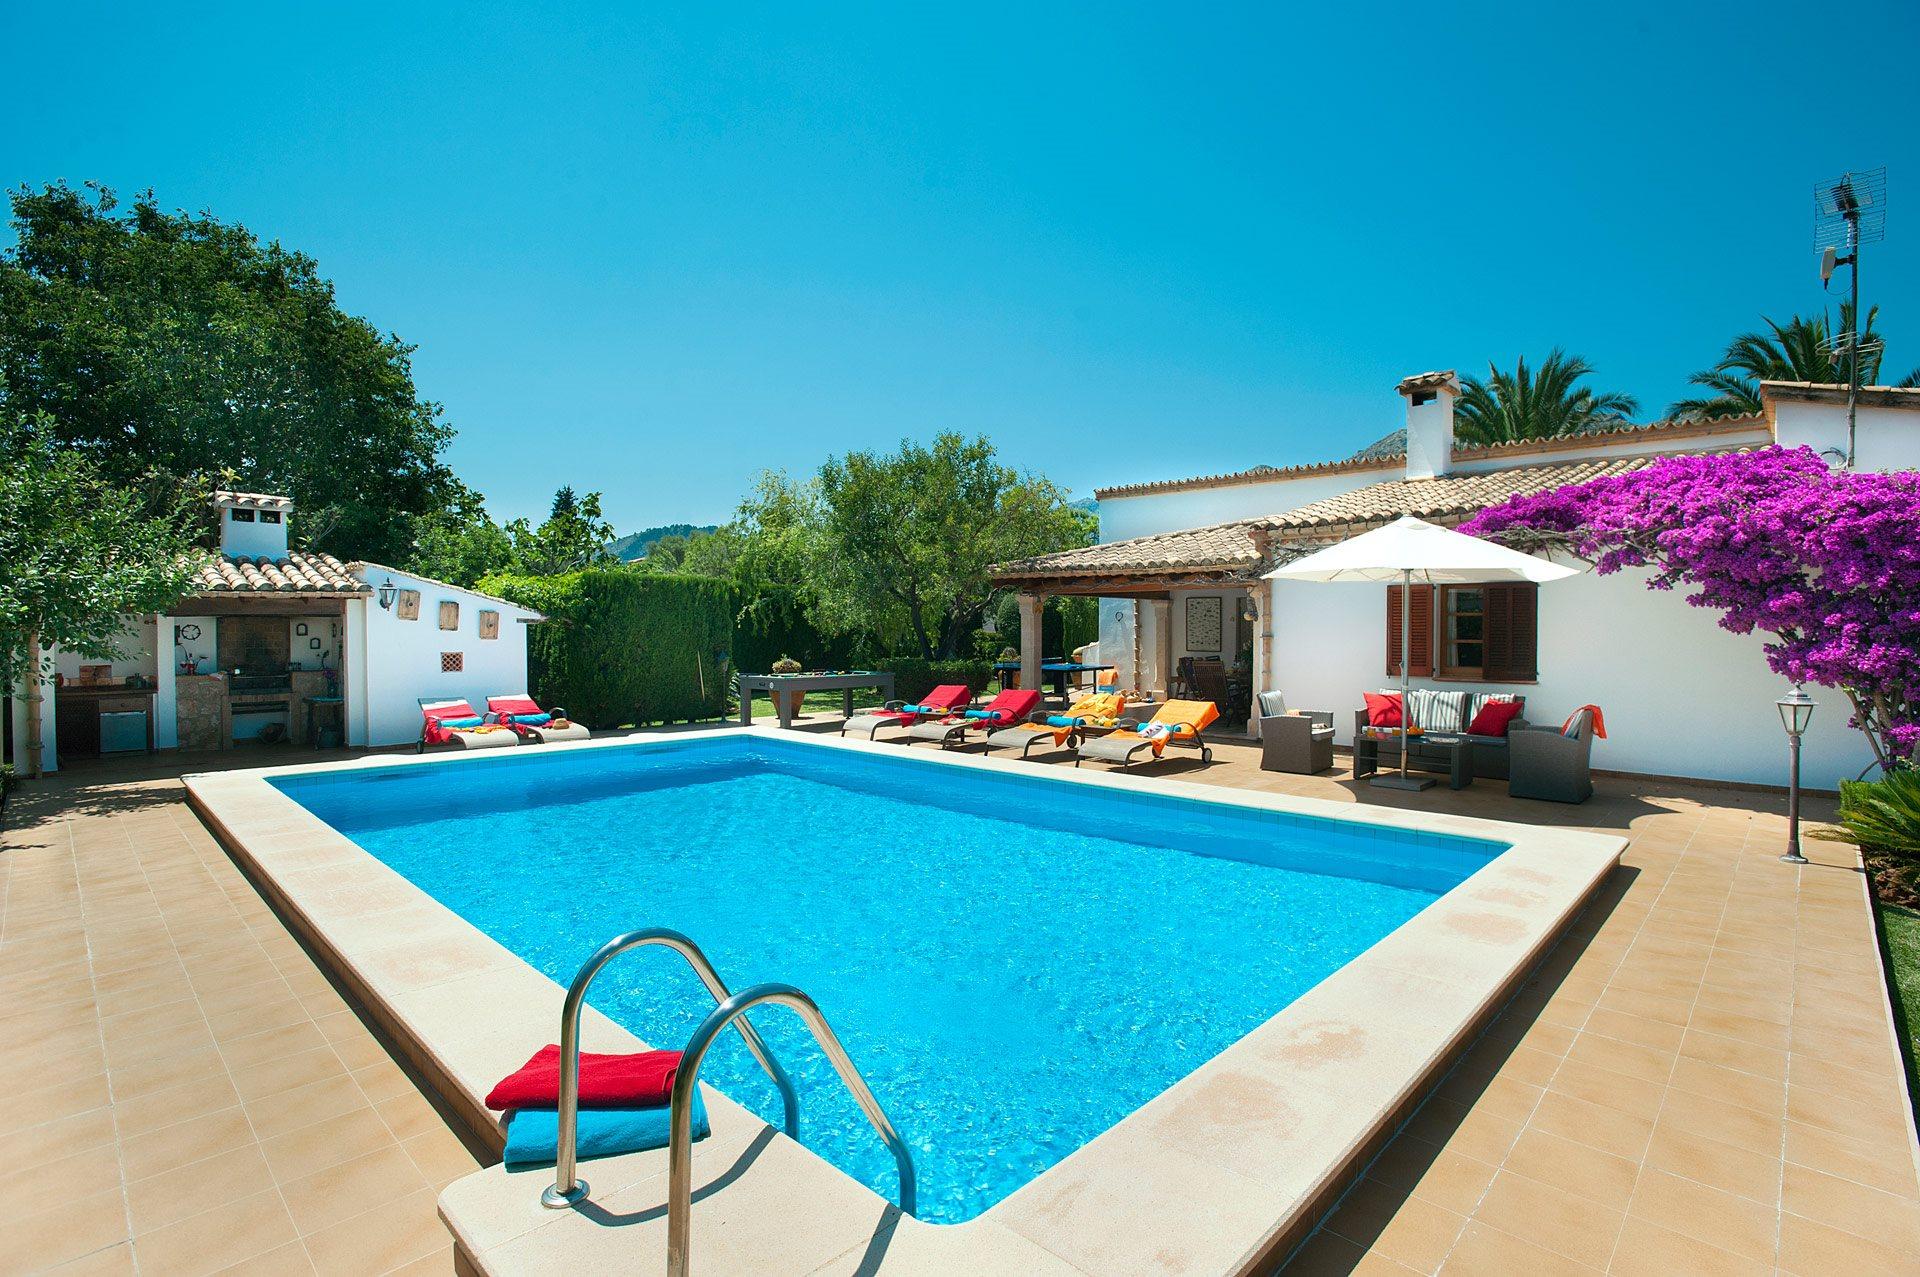 Villa Durai, Pollensa, Majorca, Spain